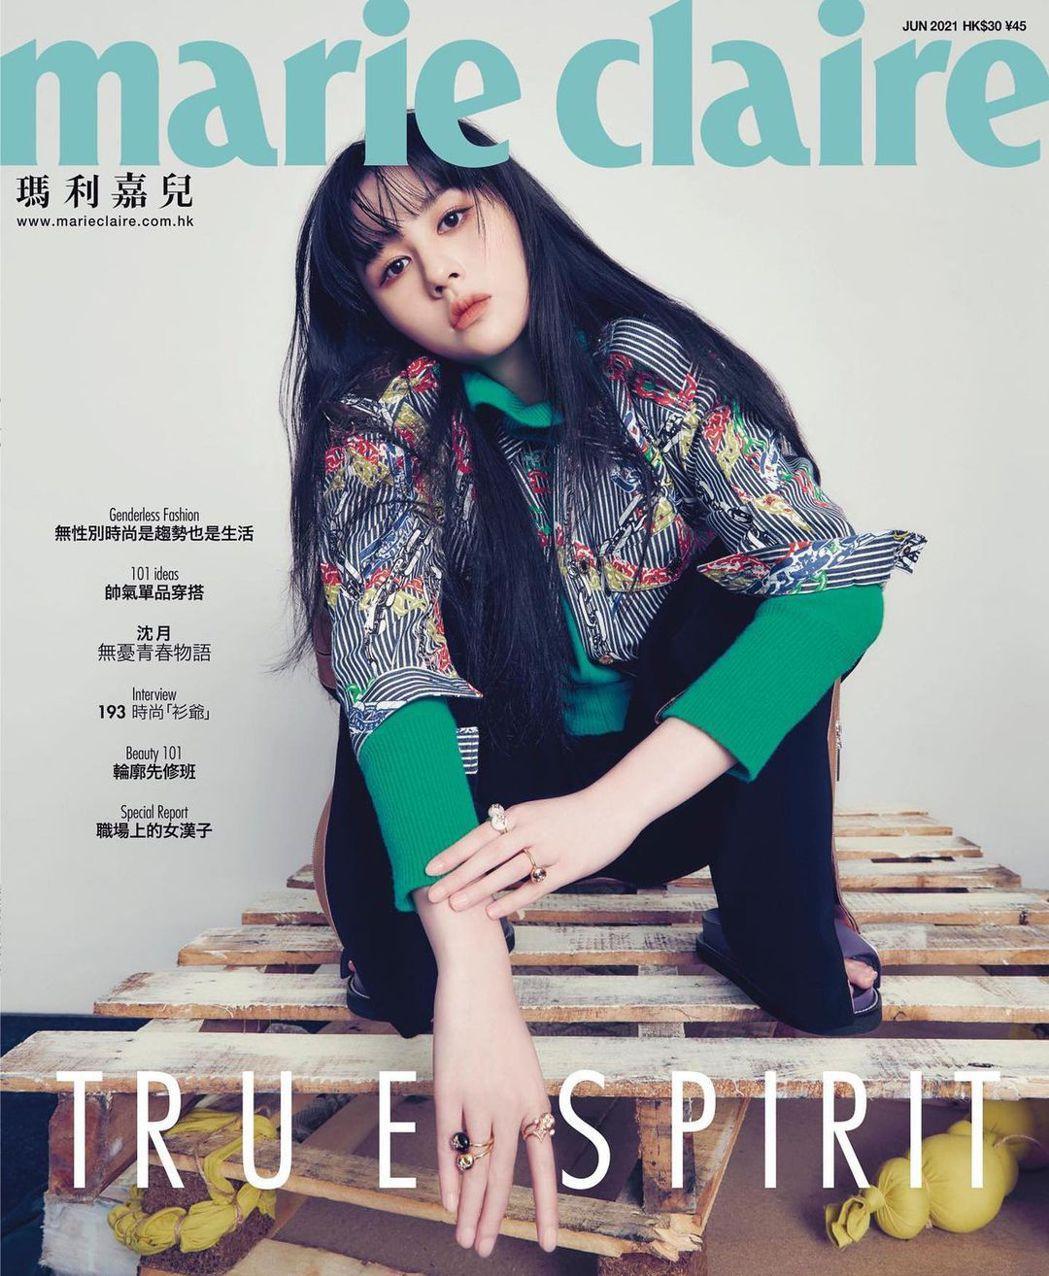 在六月份的Marie Claire中,可以看到沈月中性帥氣和夢幻性感的多風格樣貌...